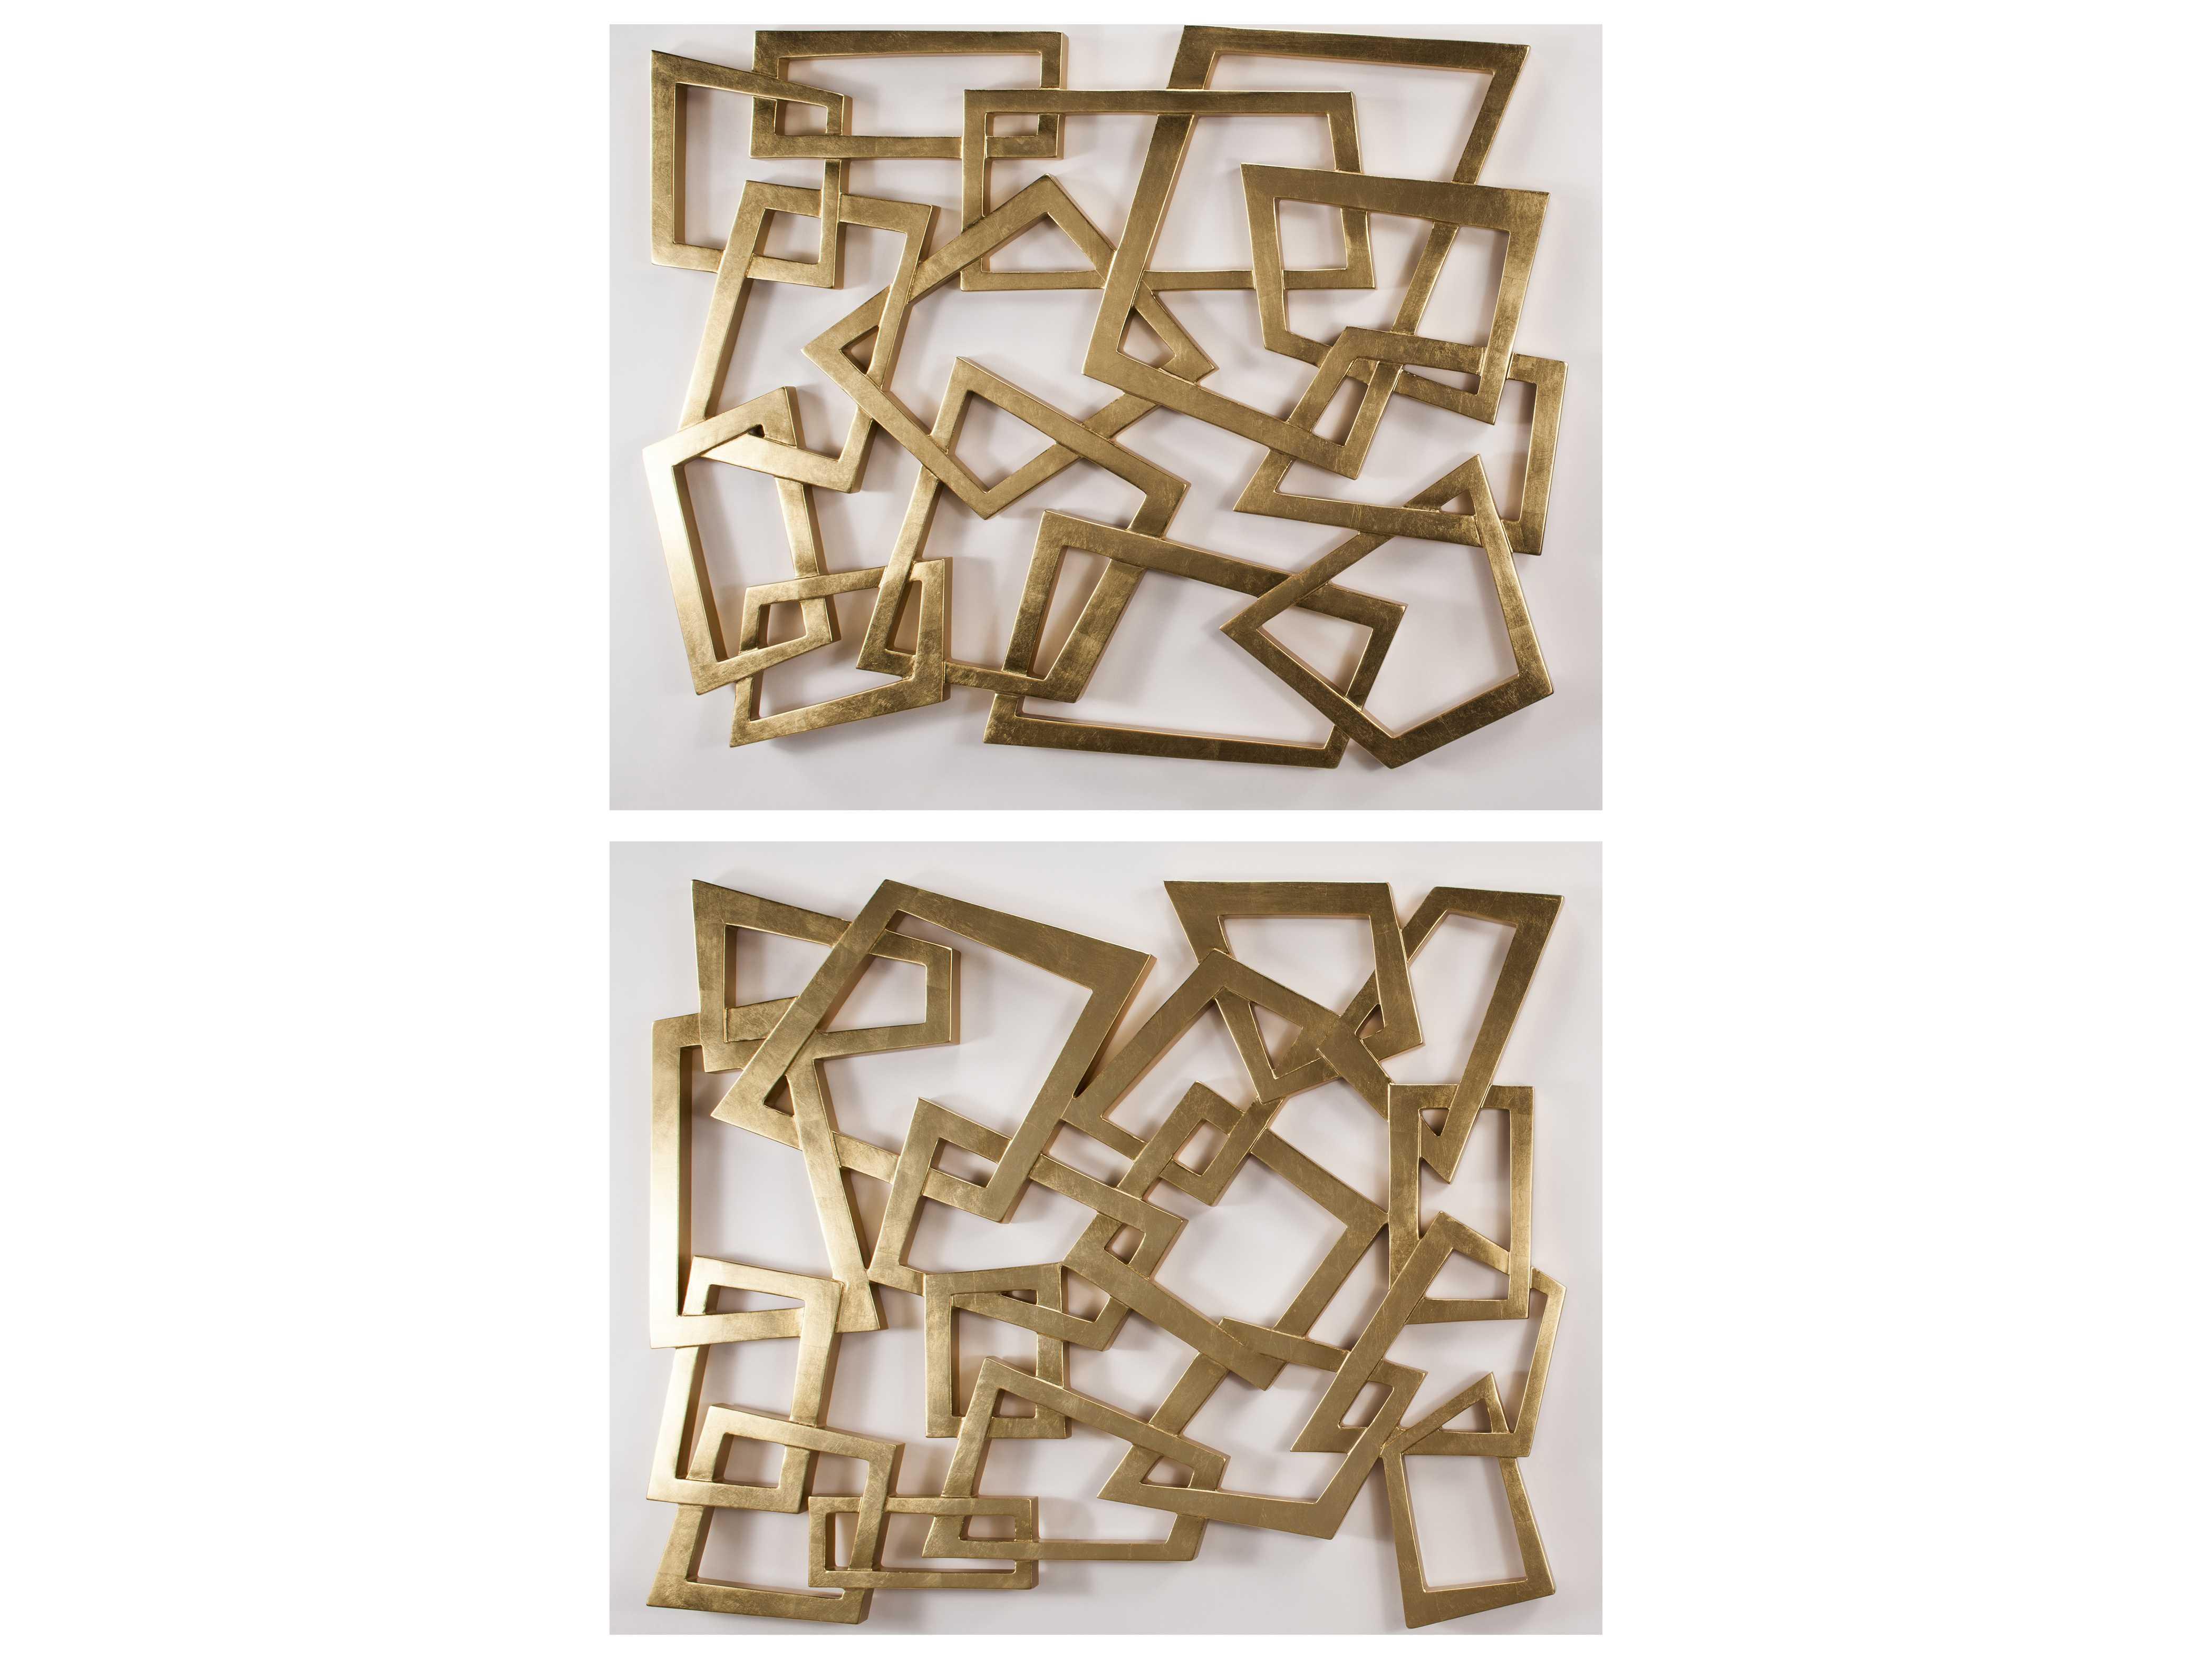 Artmax 56 x 46 Gold Leaf Metal Wall Art (2 Piece Set ...